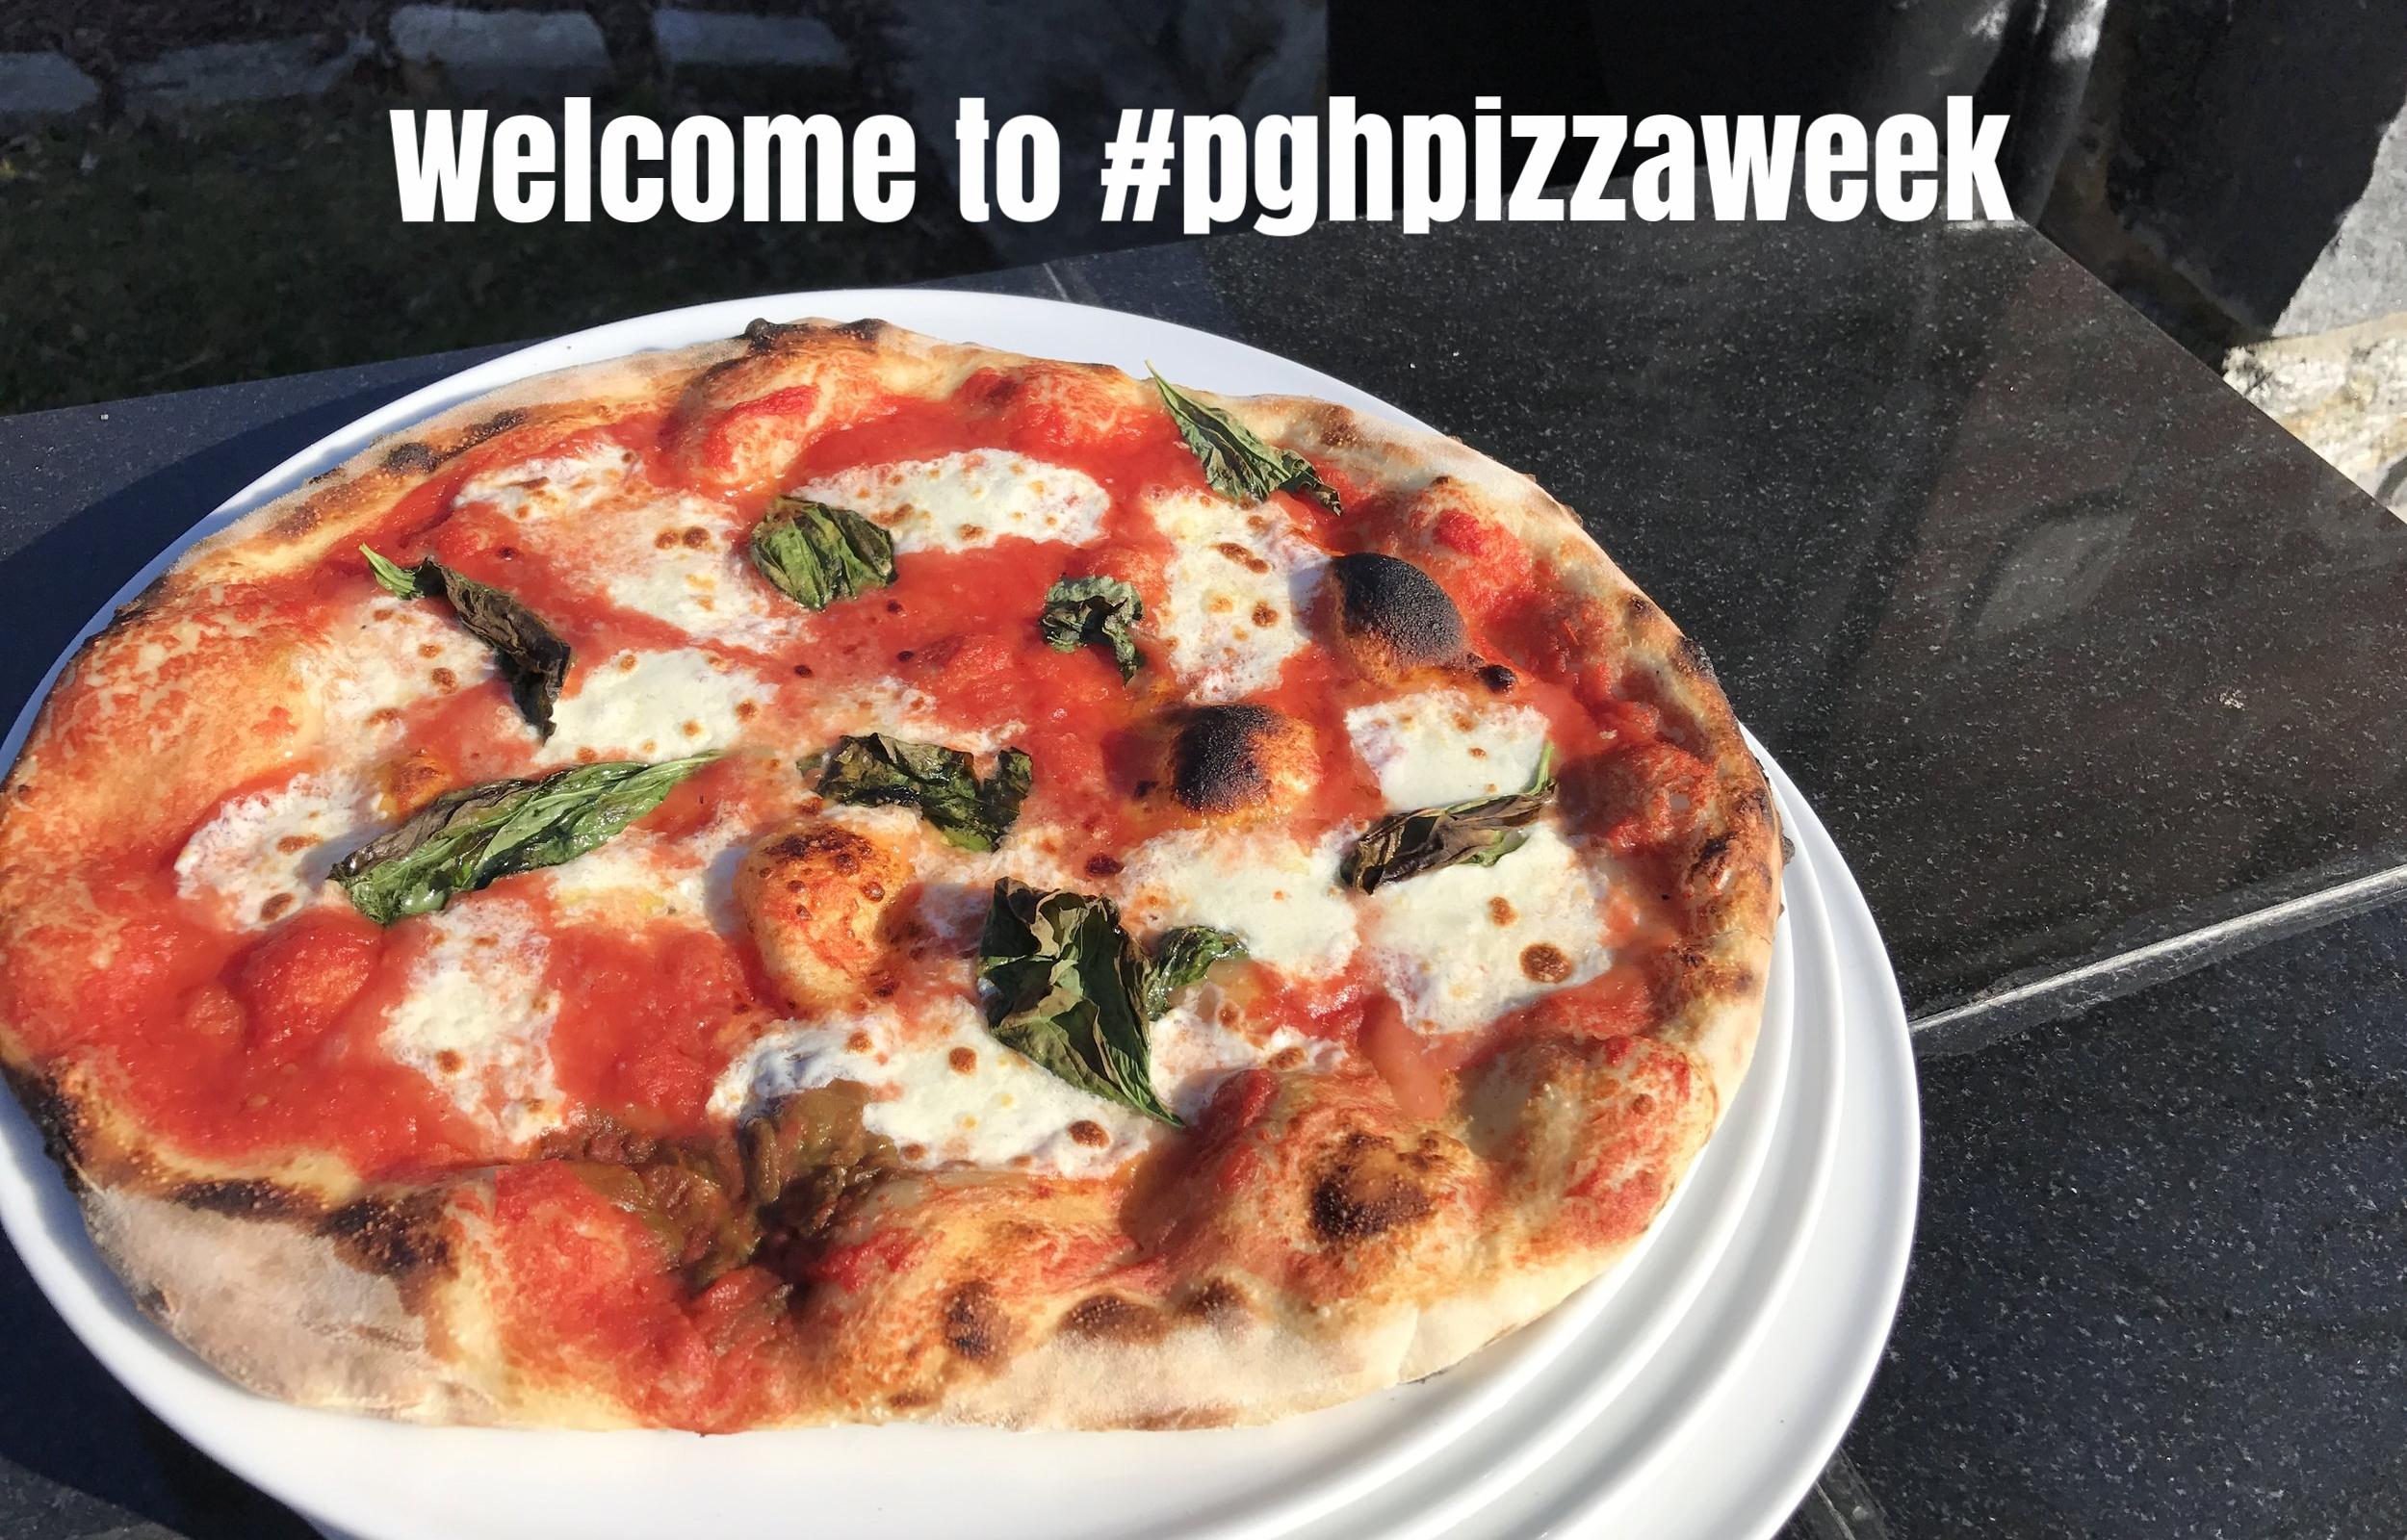 pghpizzaweek